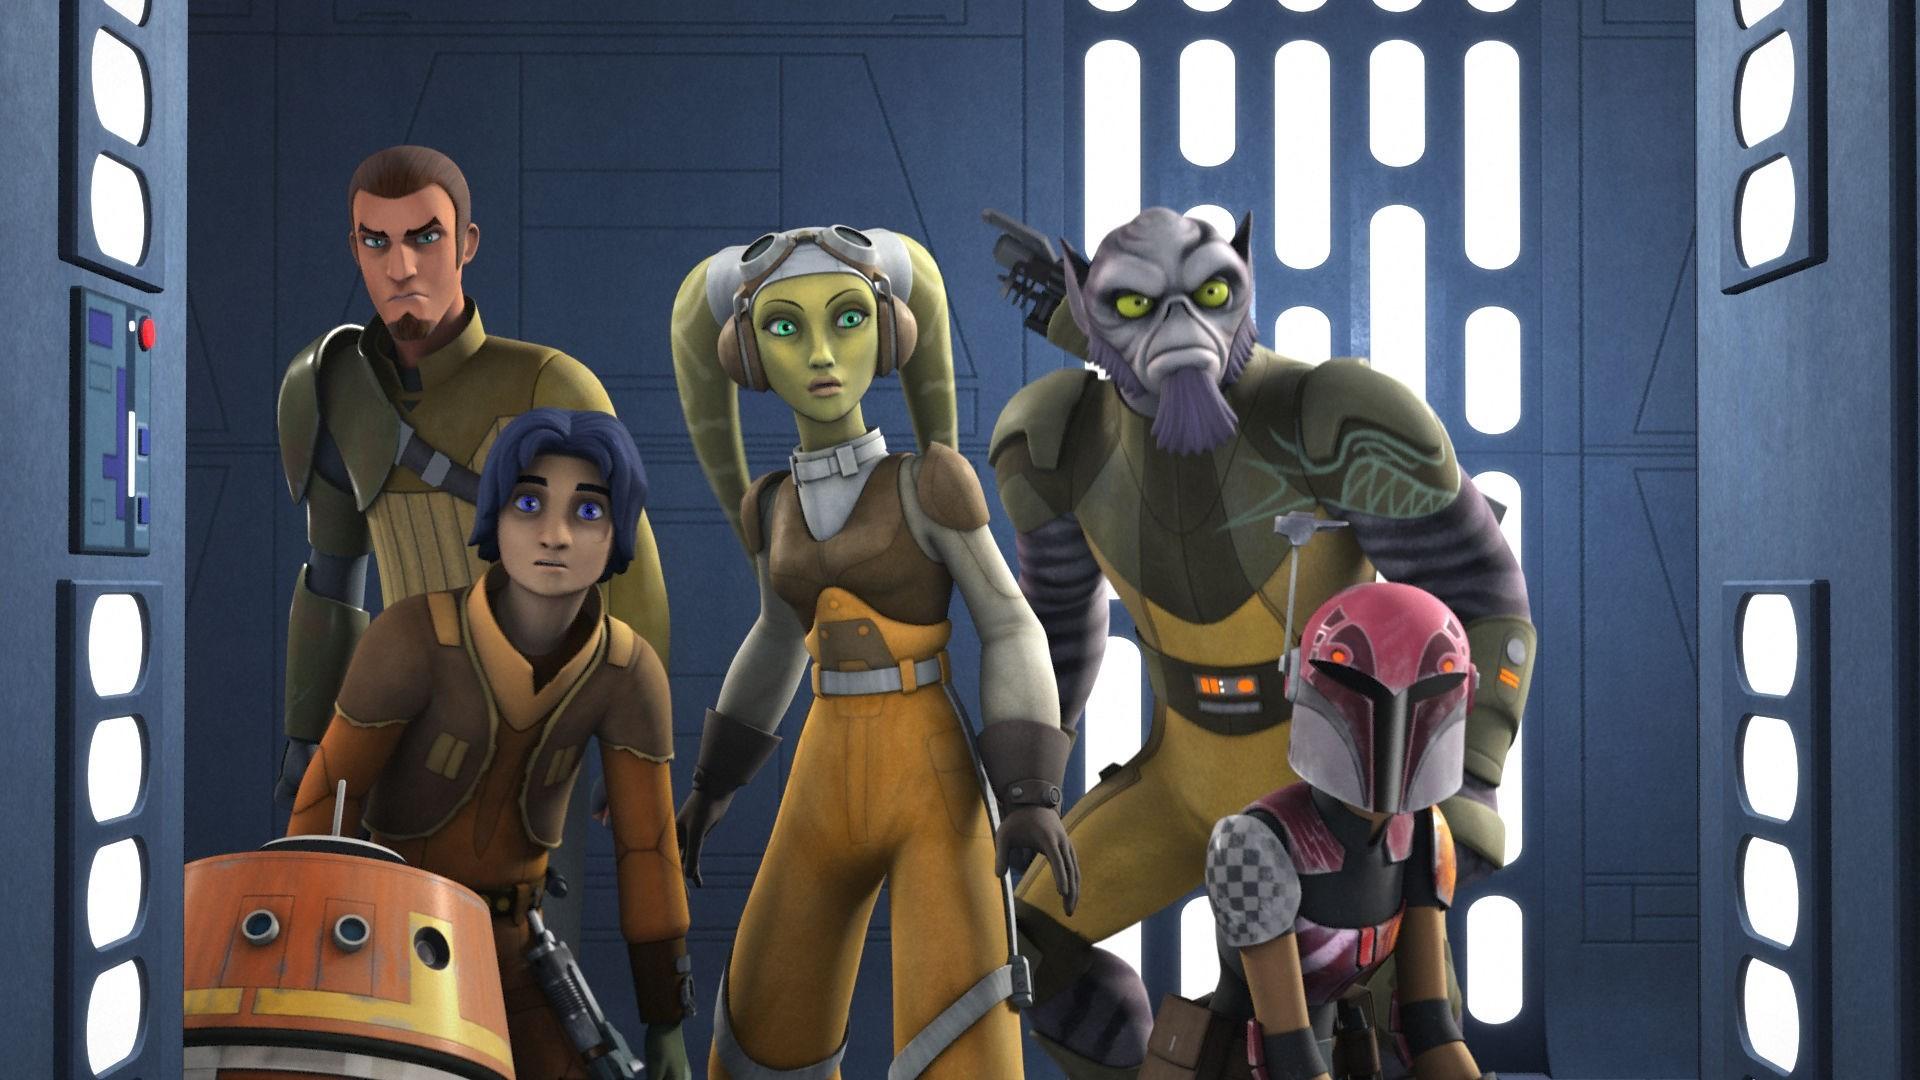 Desktop Background – star wars rebels